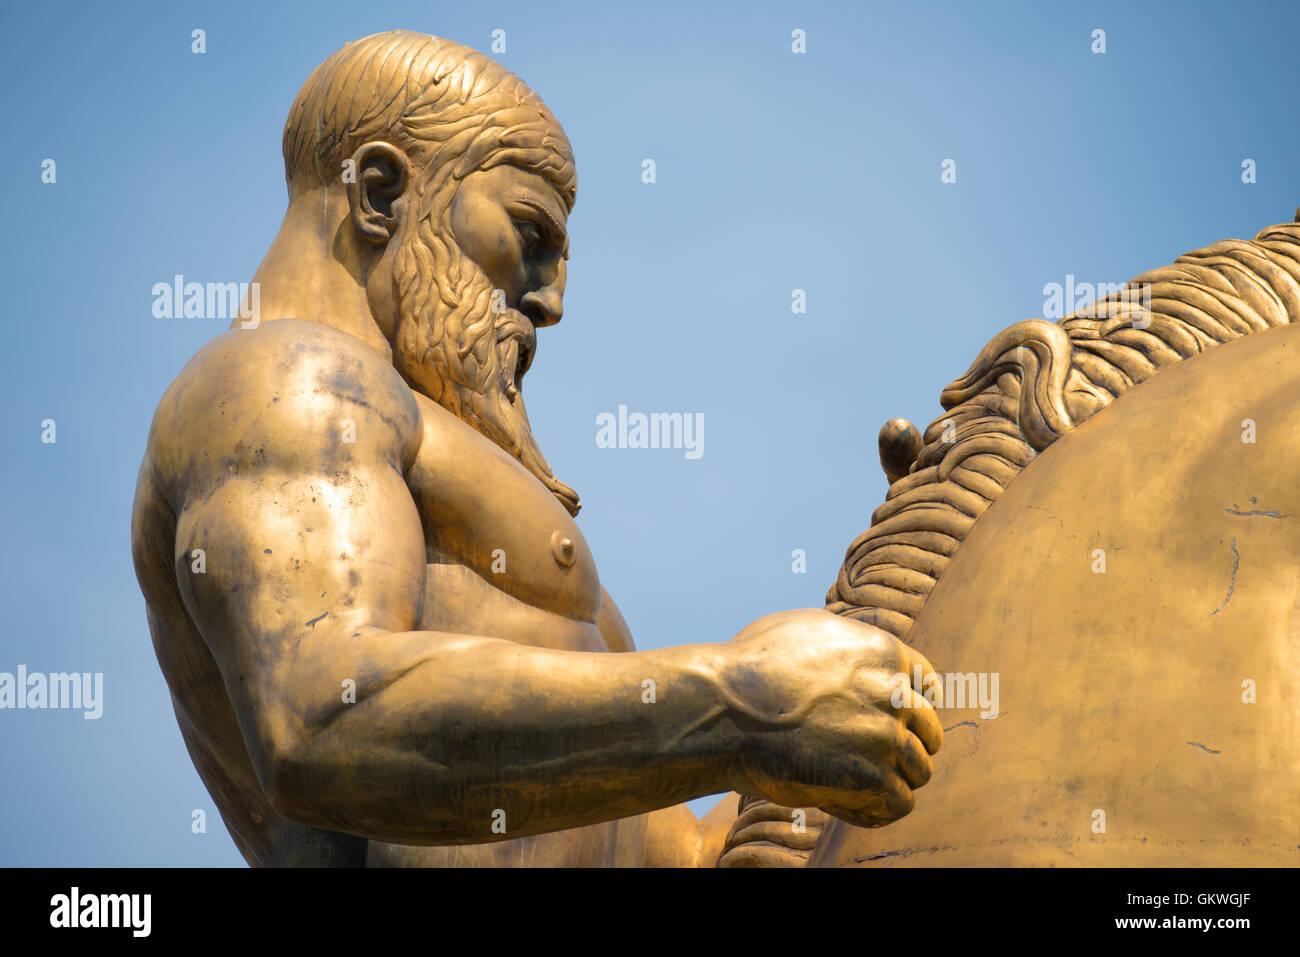 WASHINGTON, DC - La estatua que representa el valor que es parte de las Artes de la guerra y la paz, una colección Foto de stock